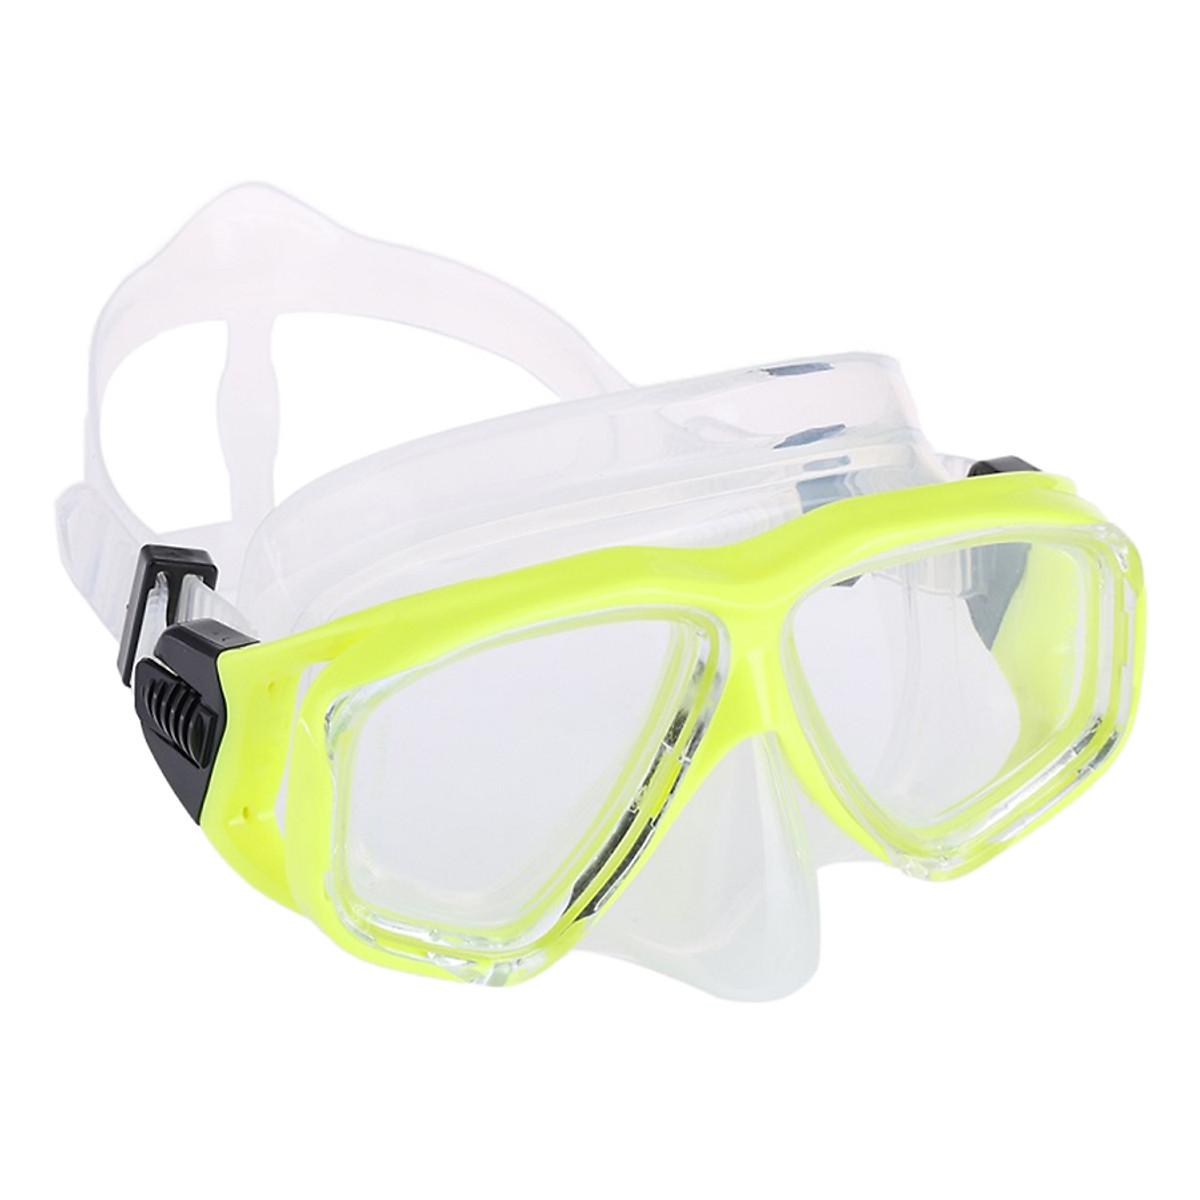 Bộ Kính Lặn Ống Thở Gopro POPO Snorkel-Set-Yellow - Vàng - 1